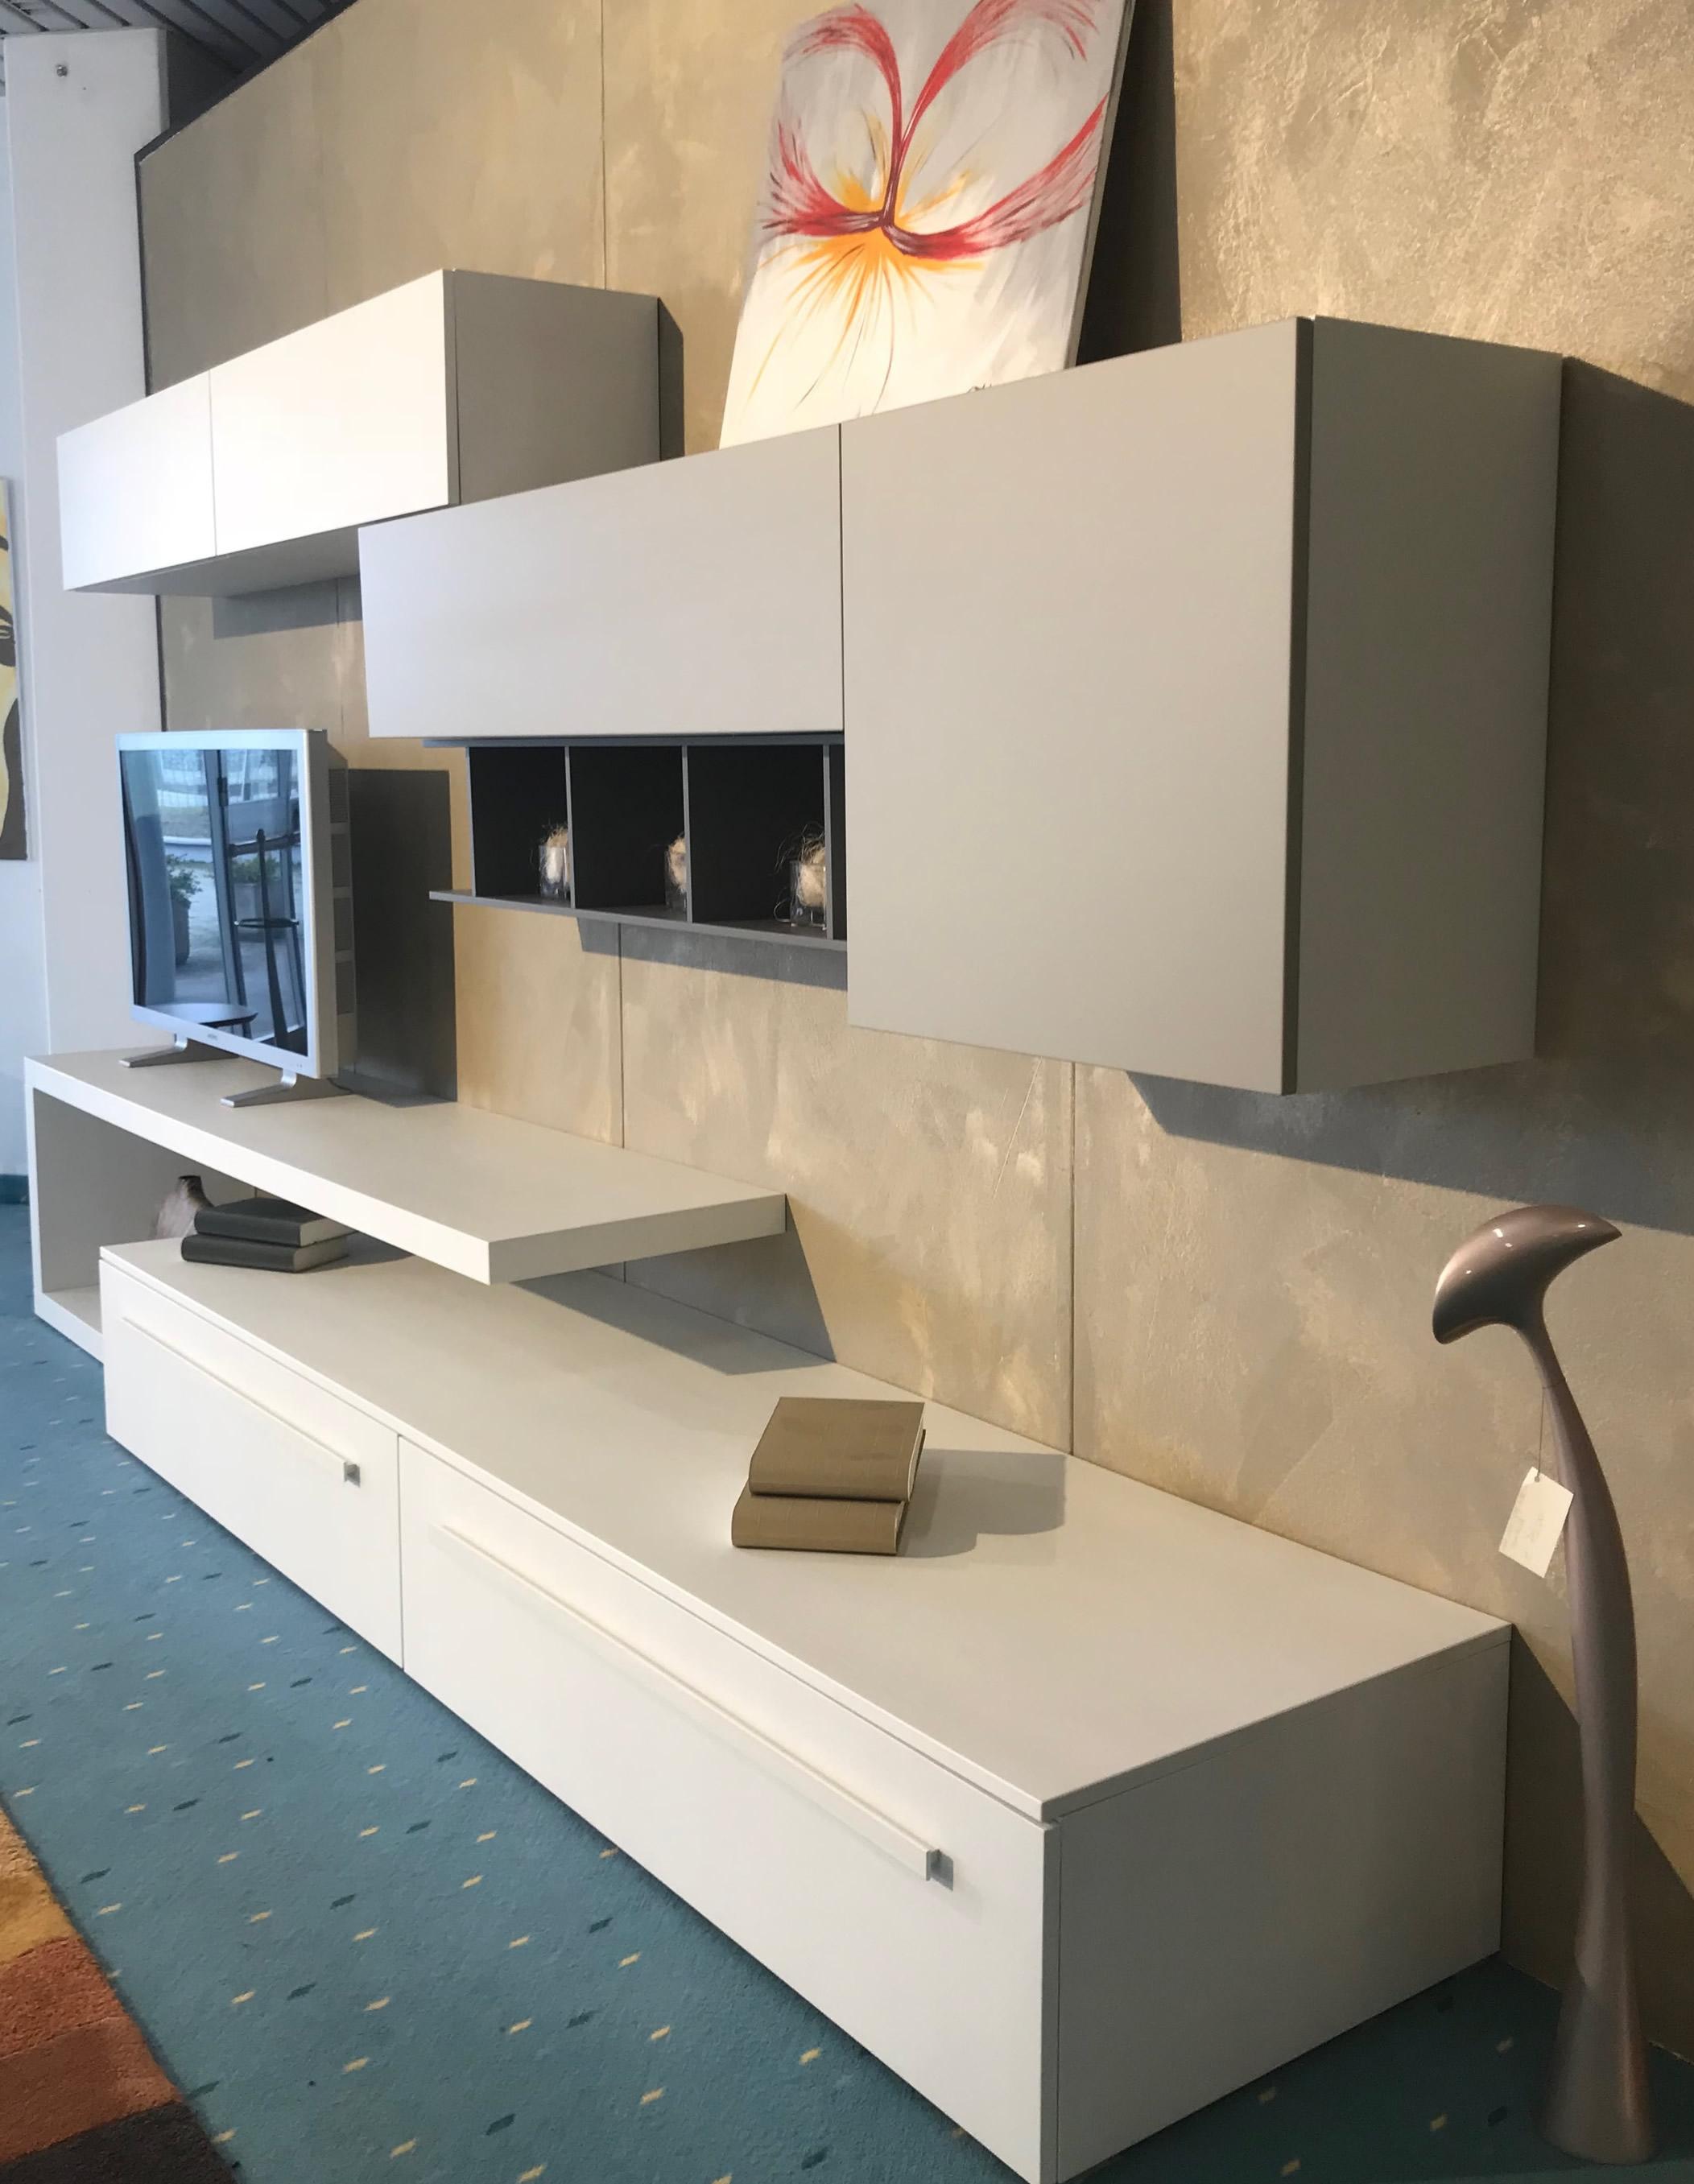 Beautiful Soggiorni Spa Ideas - Home Design Inspiration ...